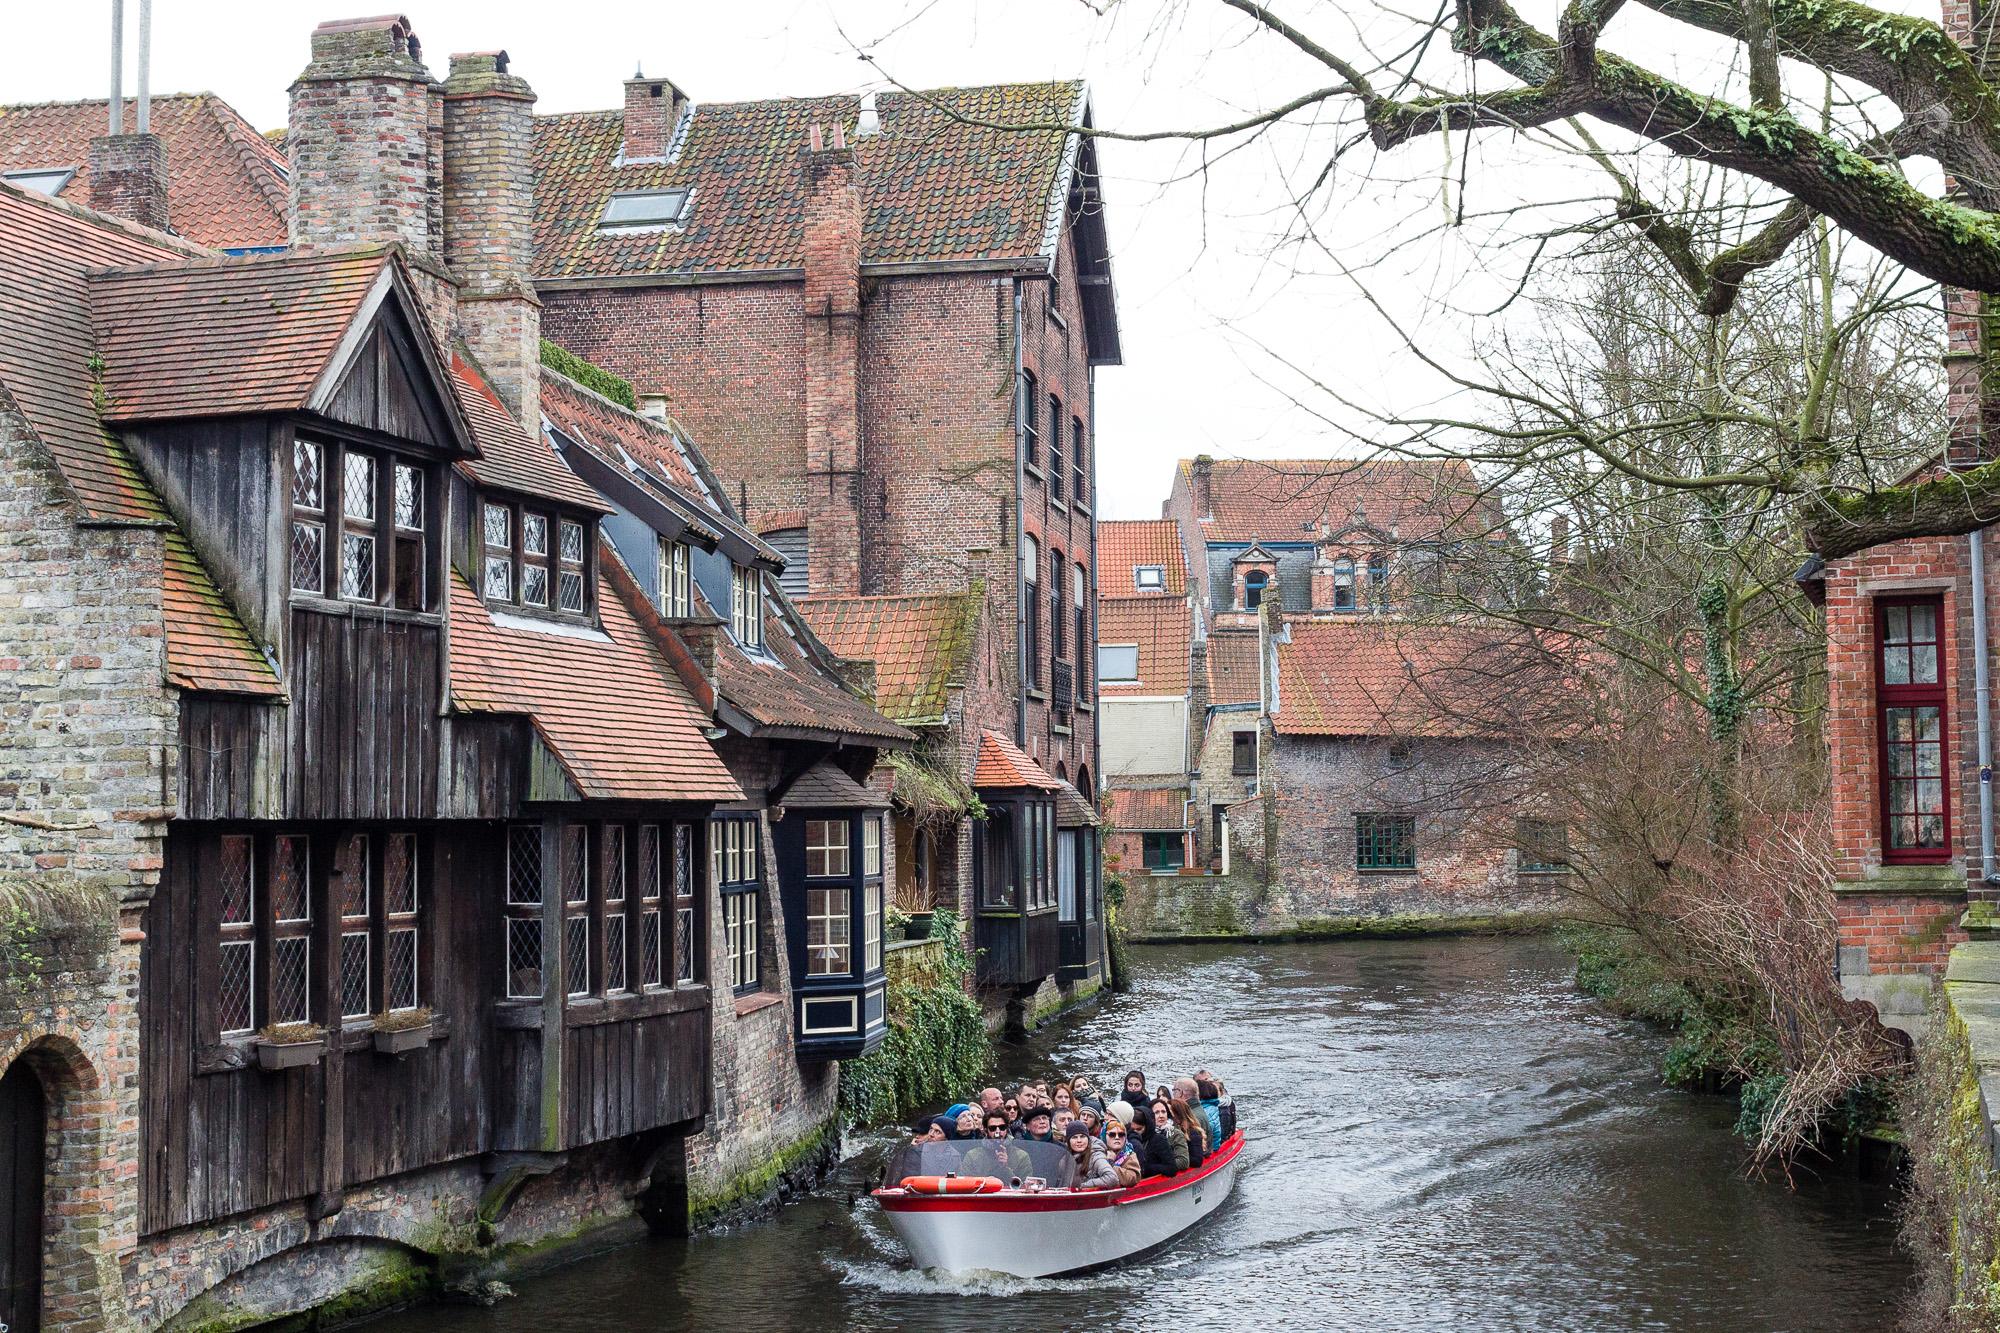 Touristes en barque sur les canaux de Bruges bordés de maisons médiévales, Belgique